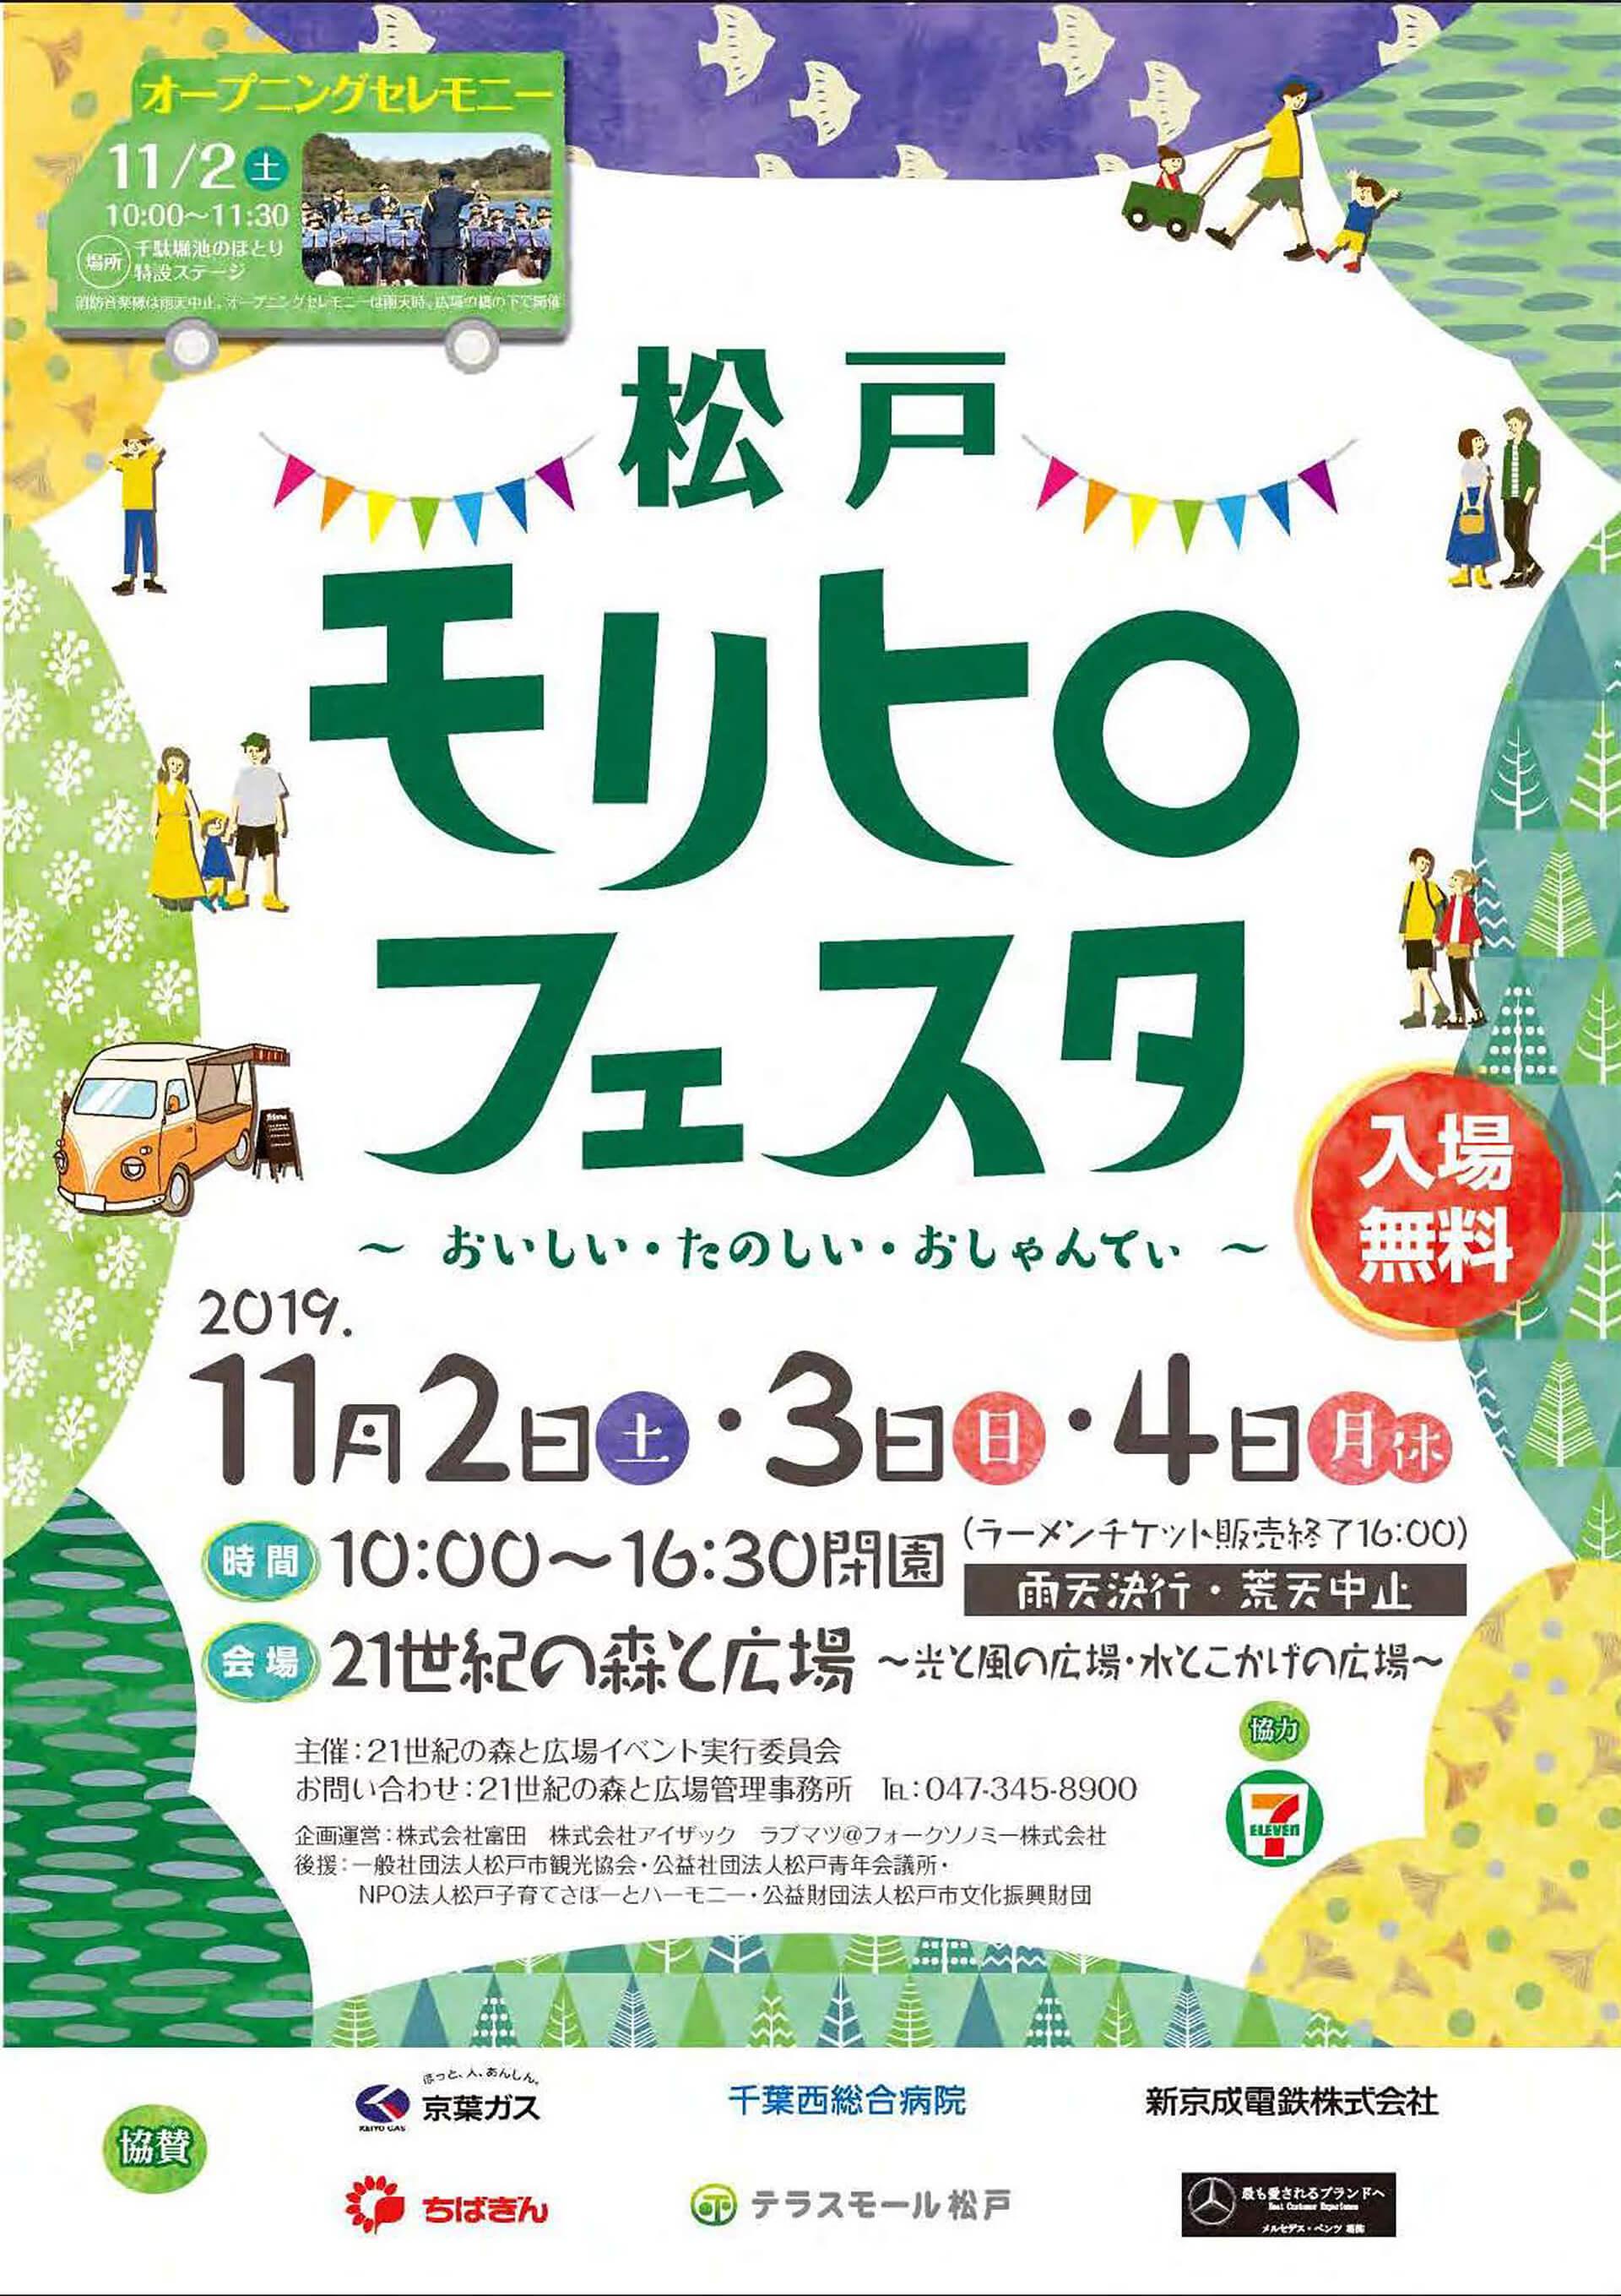 松戸モリヒロフェスタ・ポスター